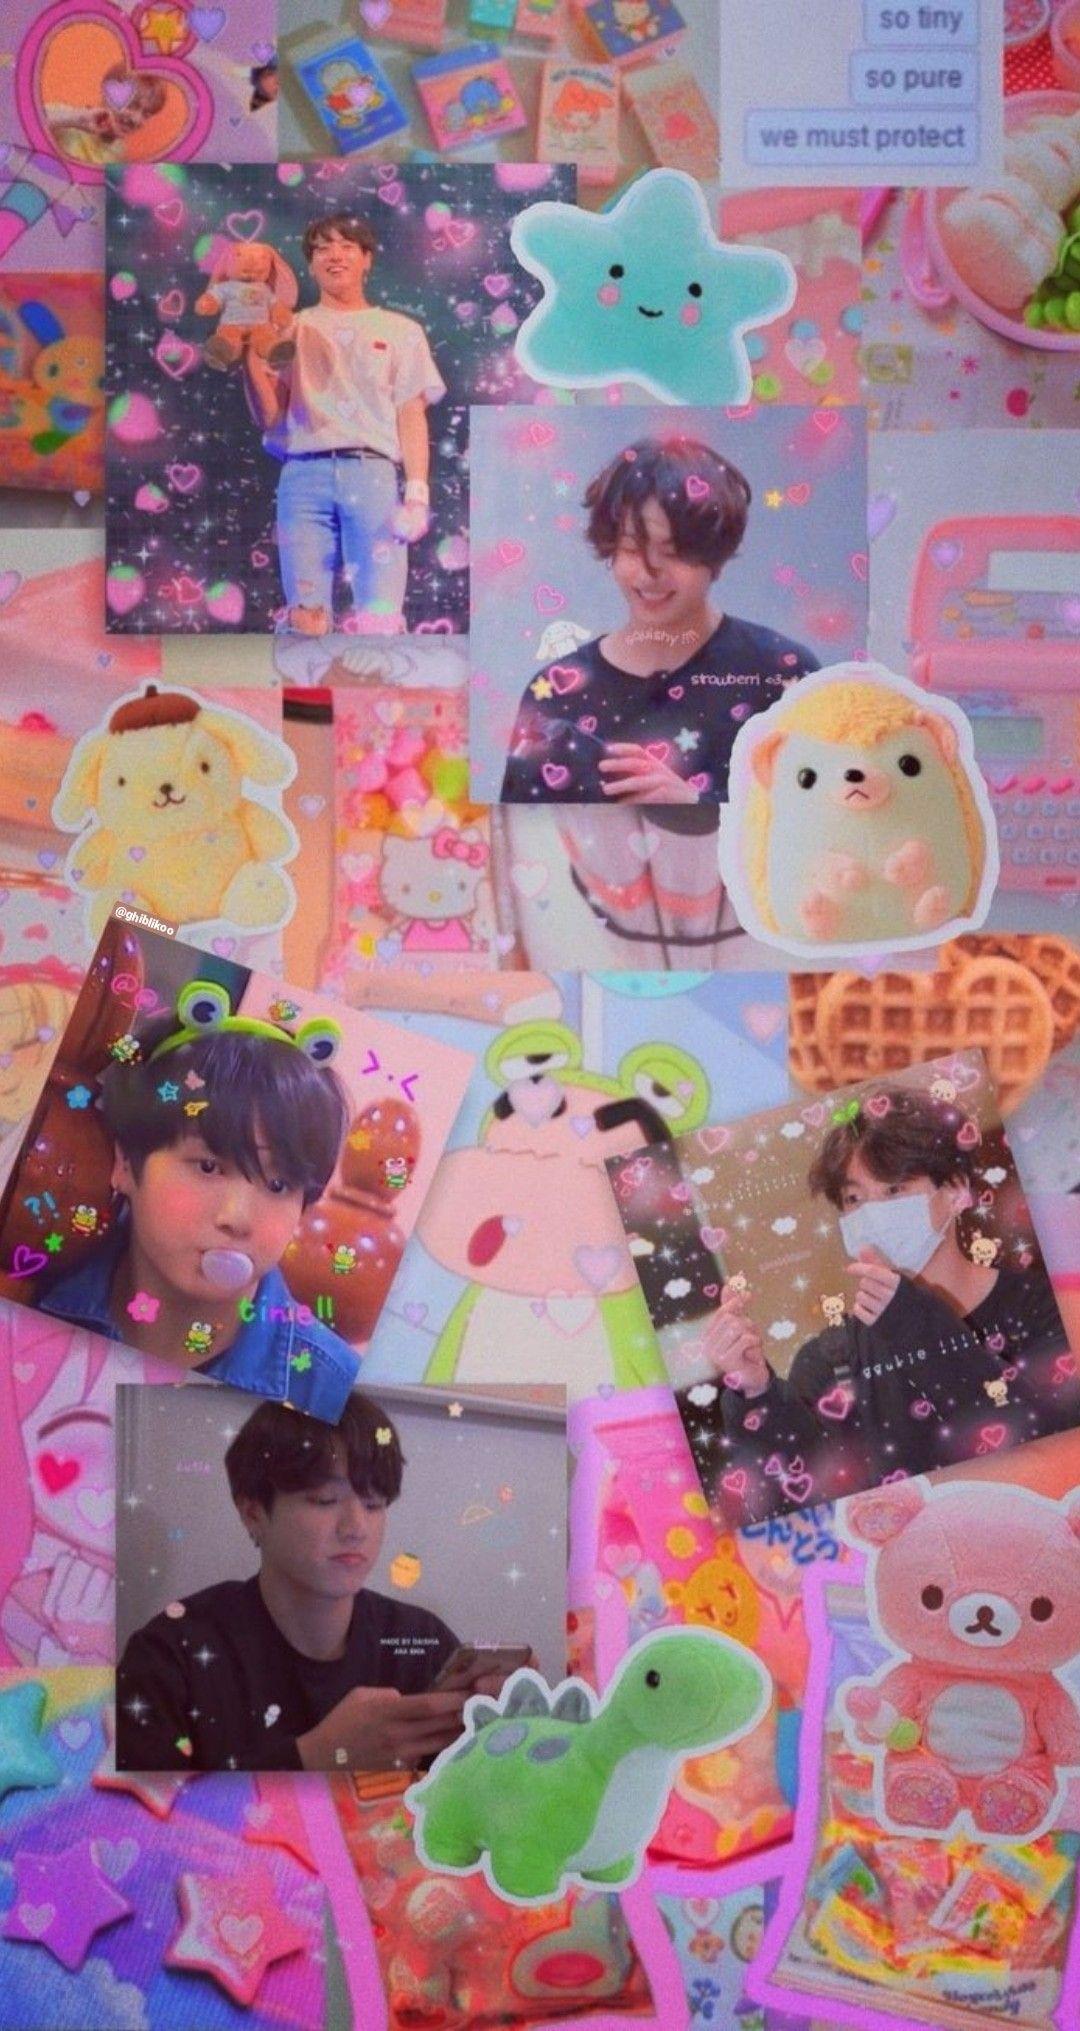 Jungkook Aesthetic Wallpaper Pink